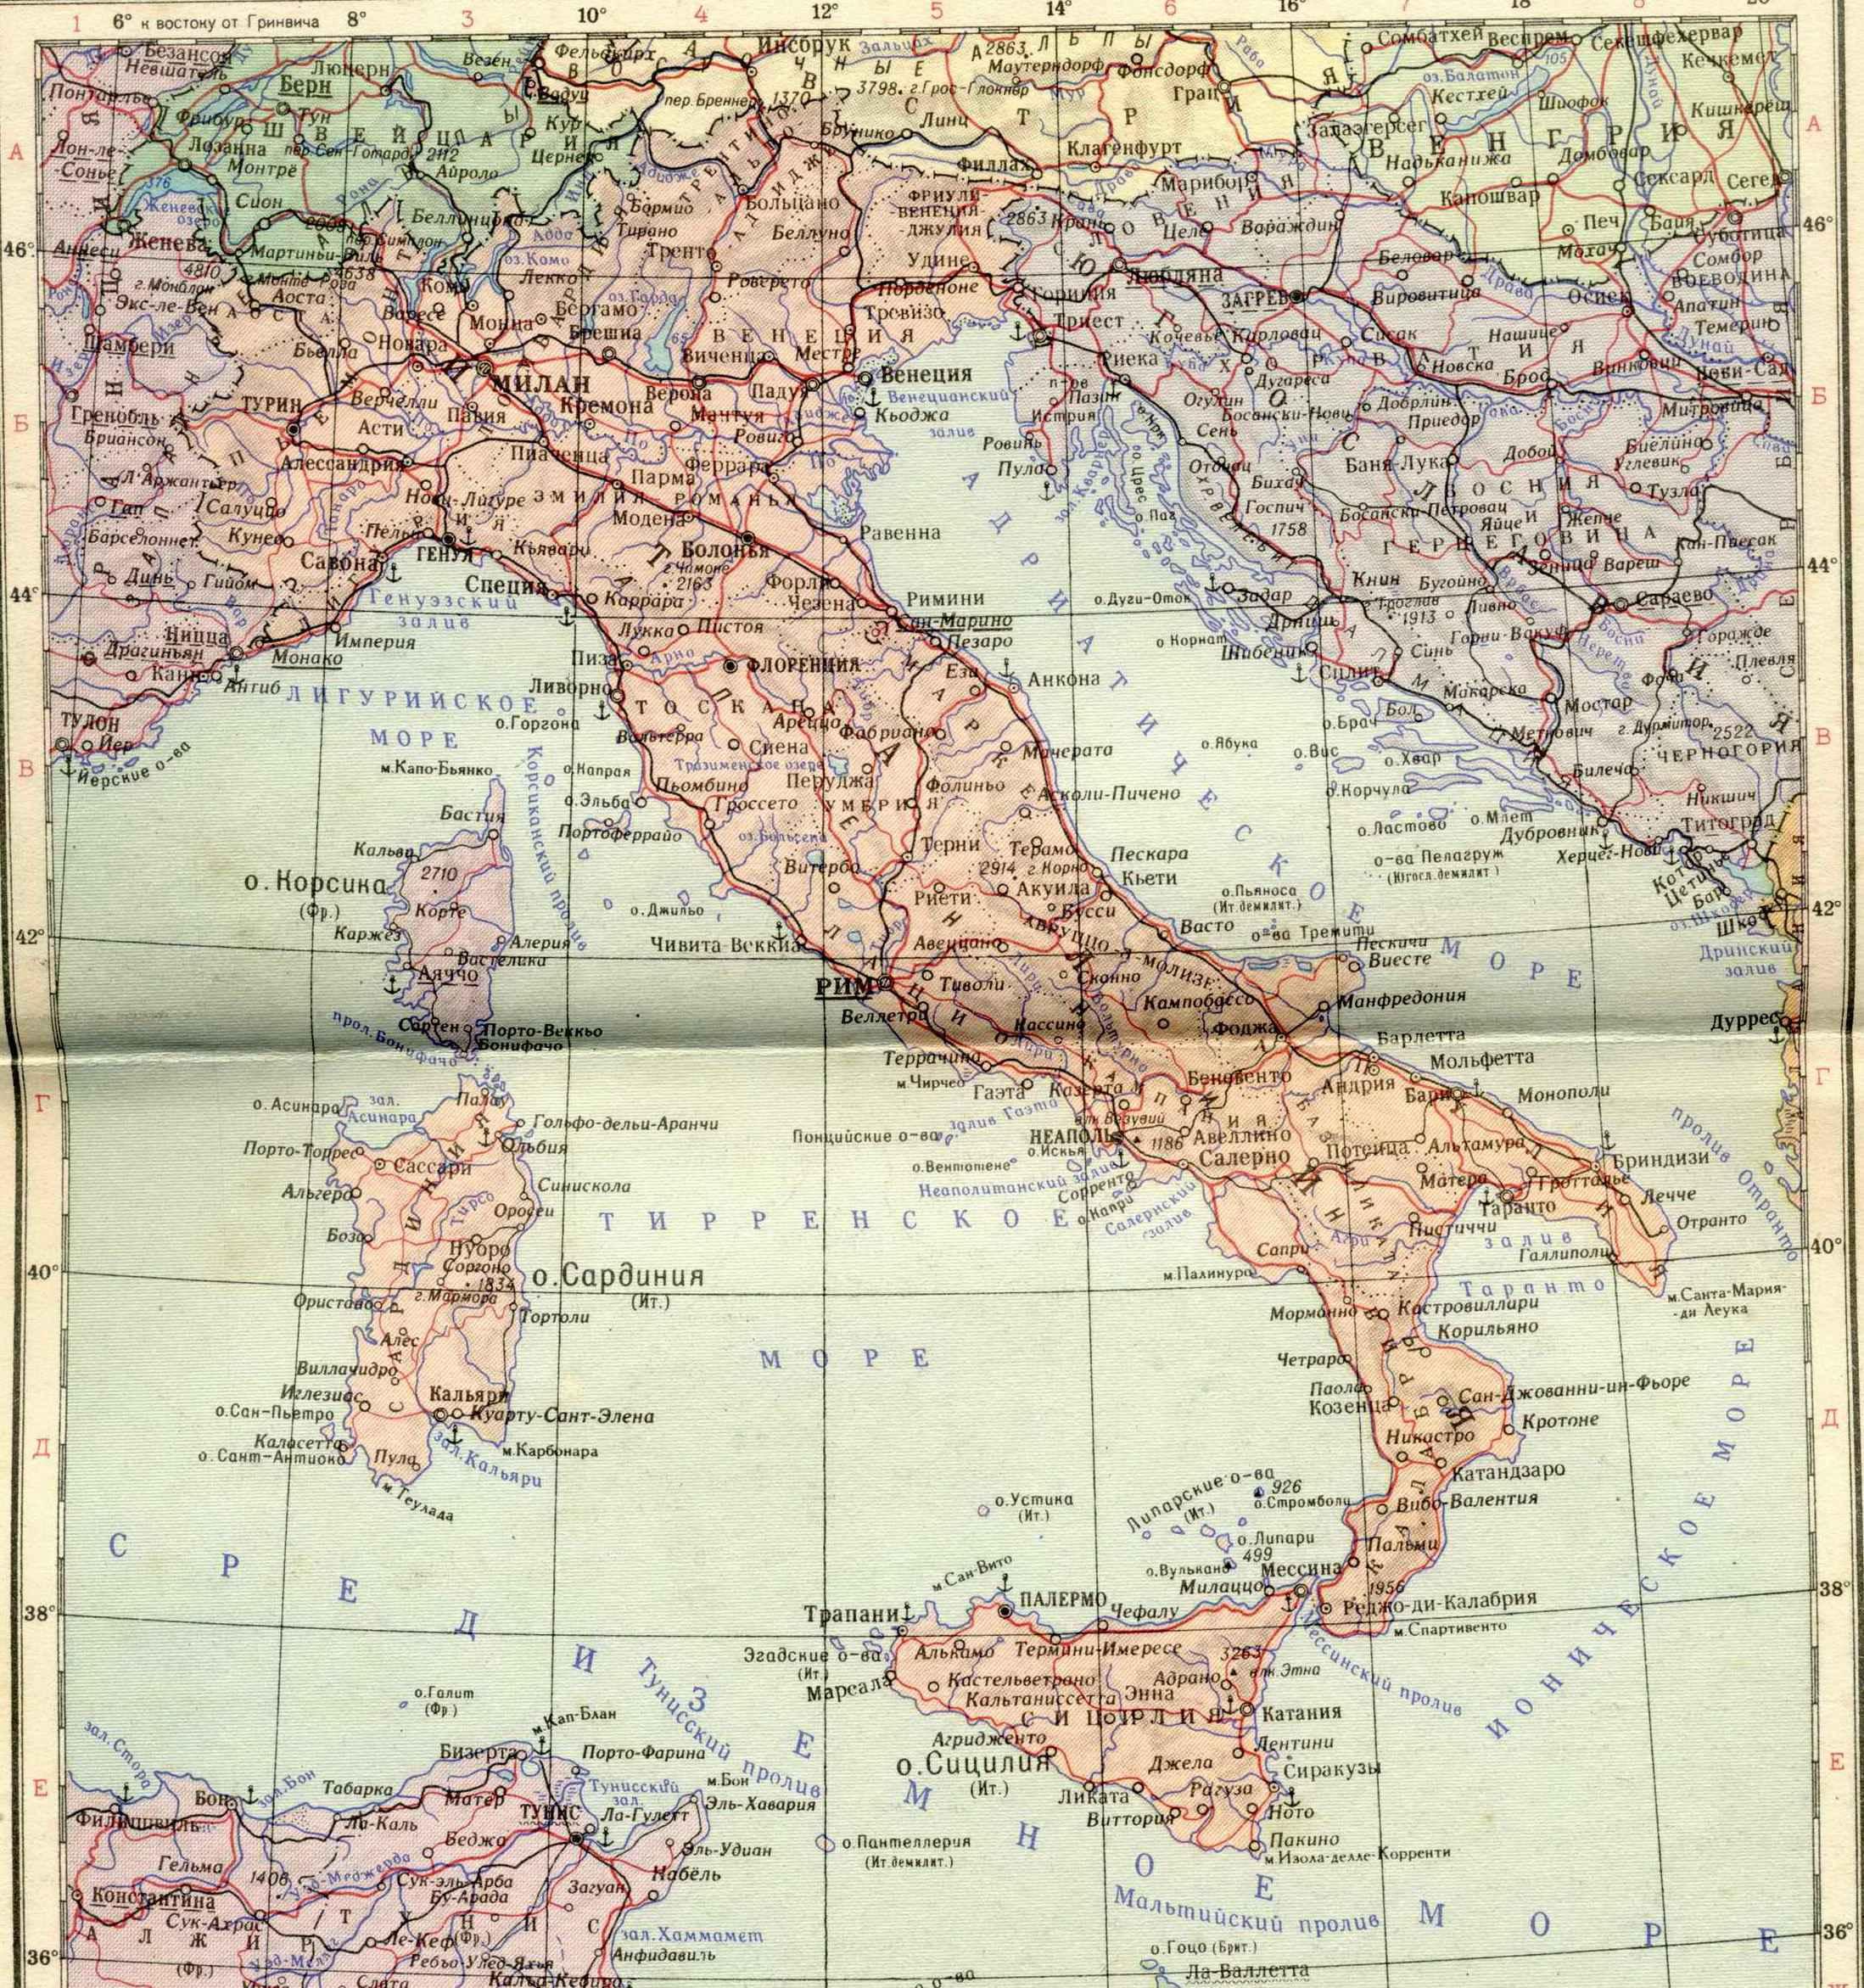 Политическая карта Итальянской республики советских времен